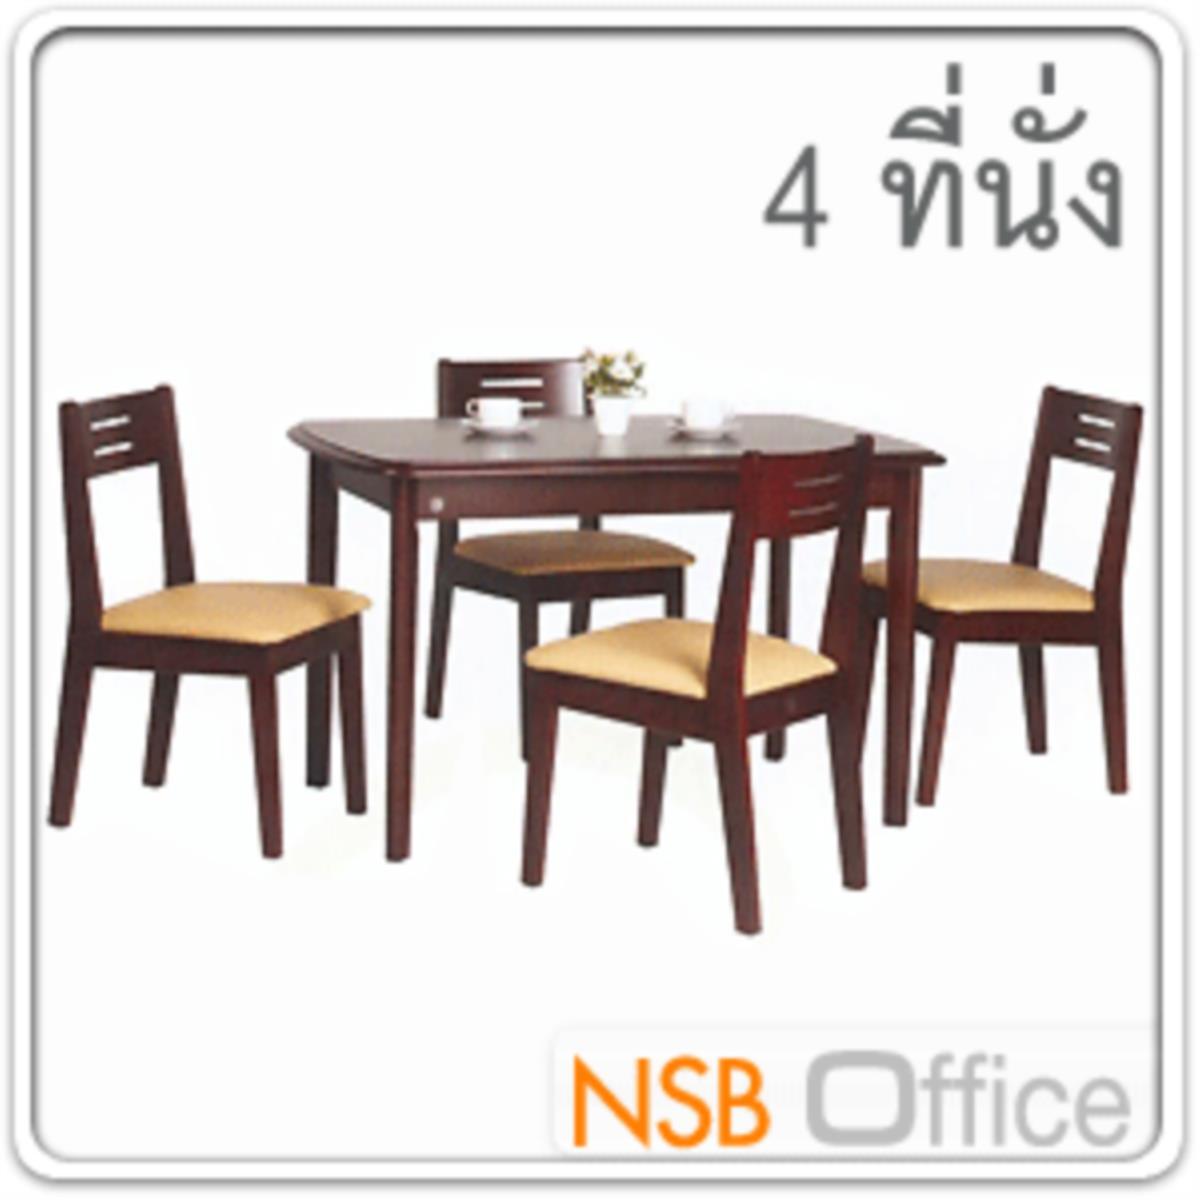 ชุดโต๊ะรับประทานอาหารหน้าโฟเมก้าลายไม้ 4 ที่นั่ง รุ่น SUNNY-6 ขนาด 120W cm. พร้อมเก้าอี้